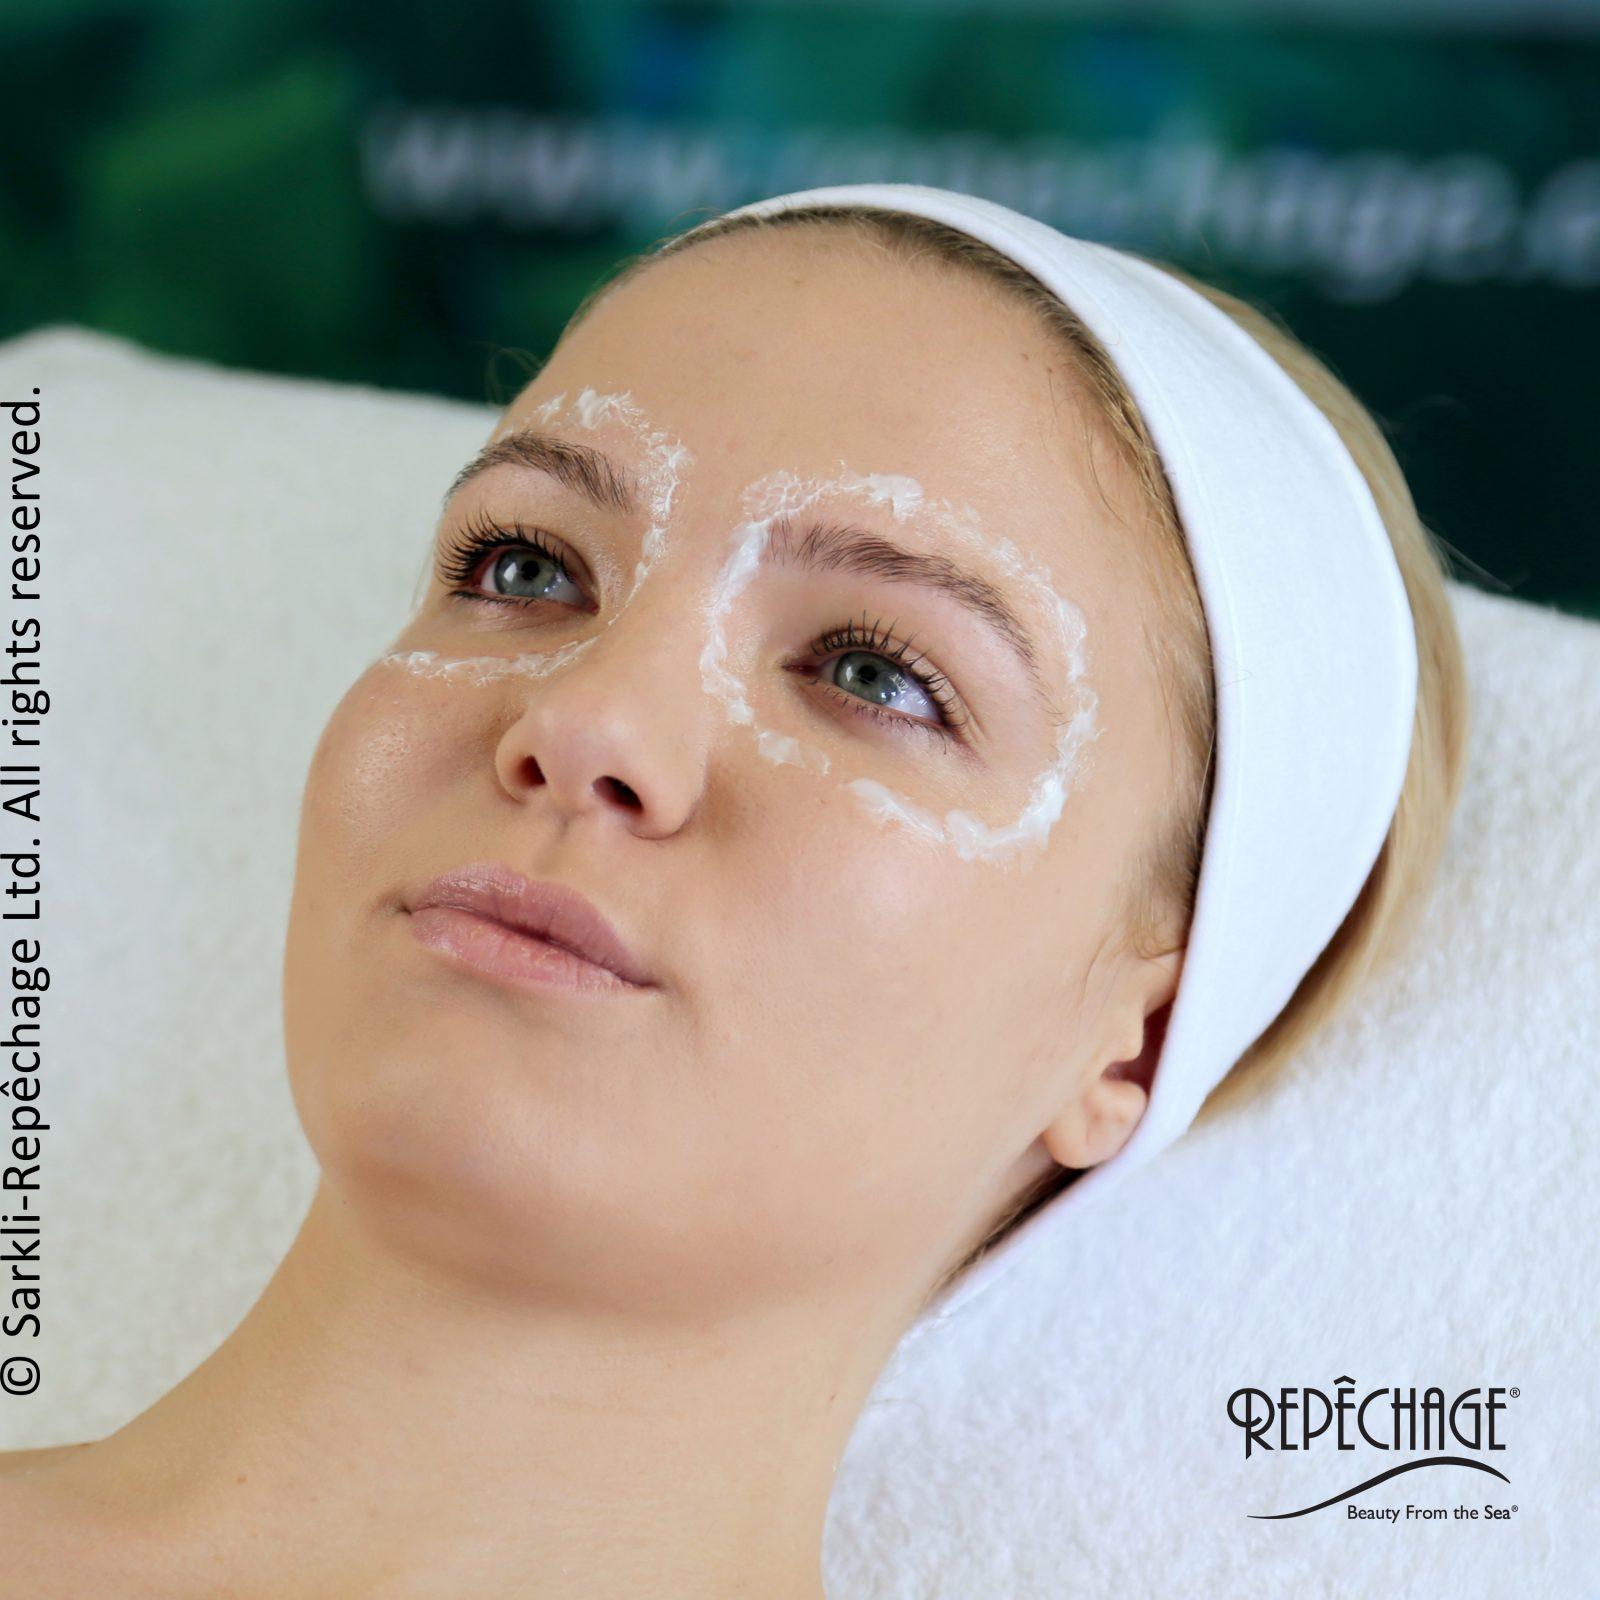 Zabieg poprawiający kontur oka Opti-Firm® Eye Contour Treatment krok 4